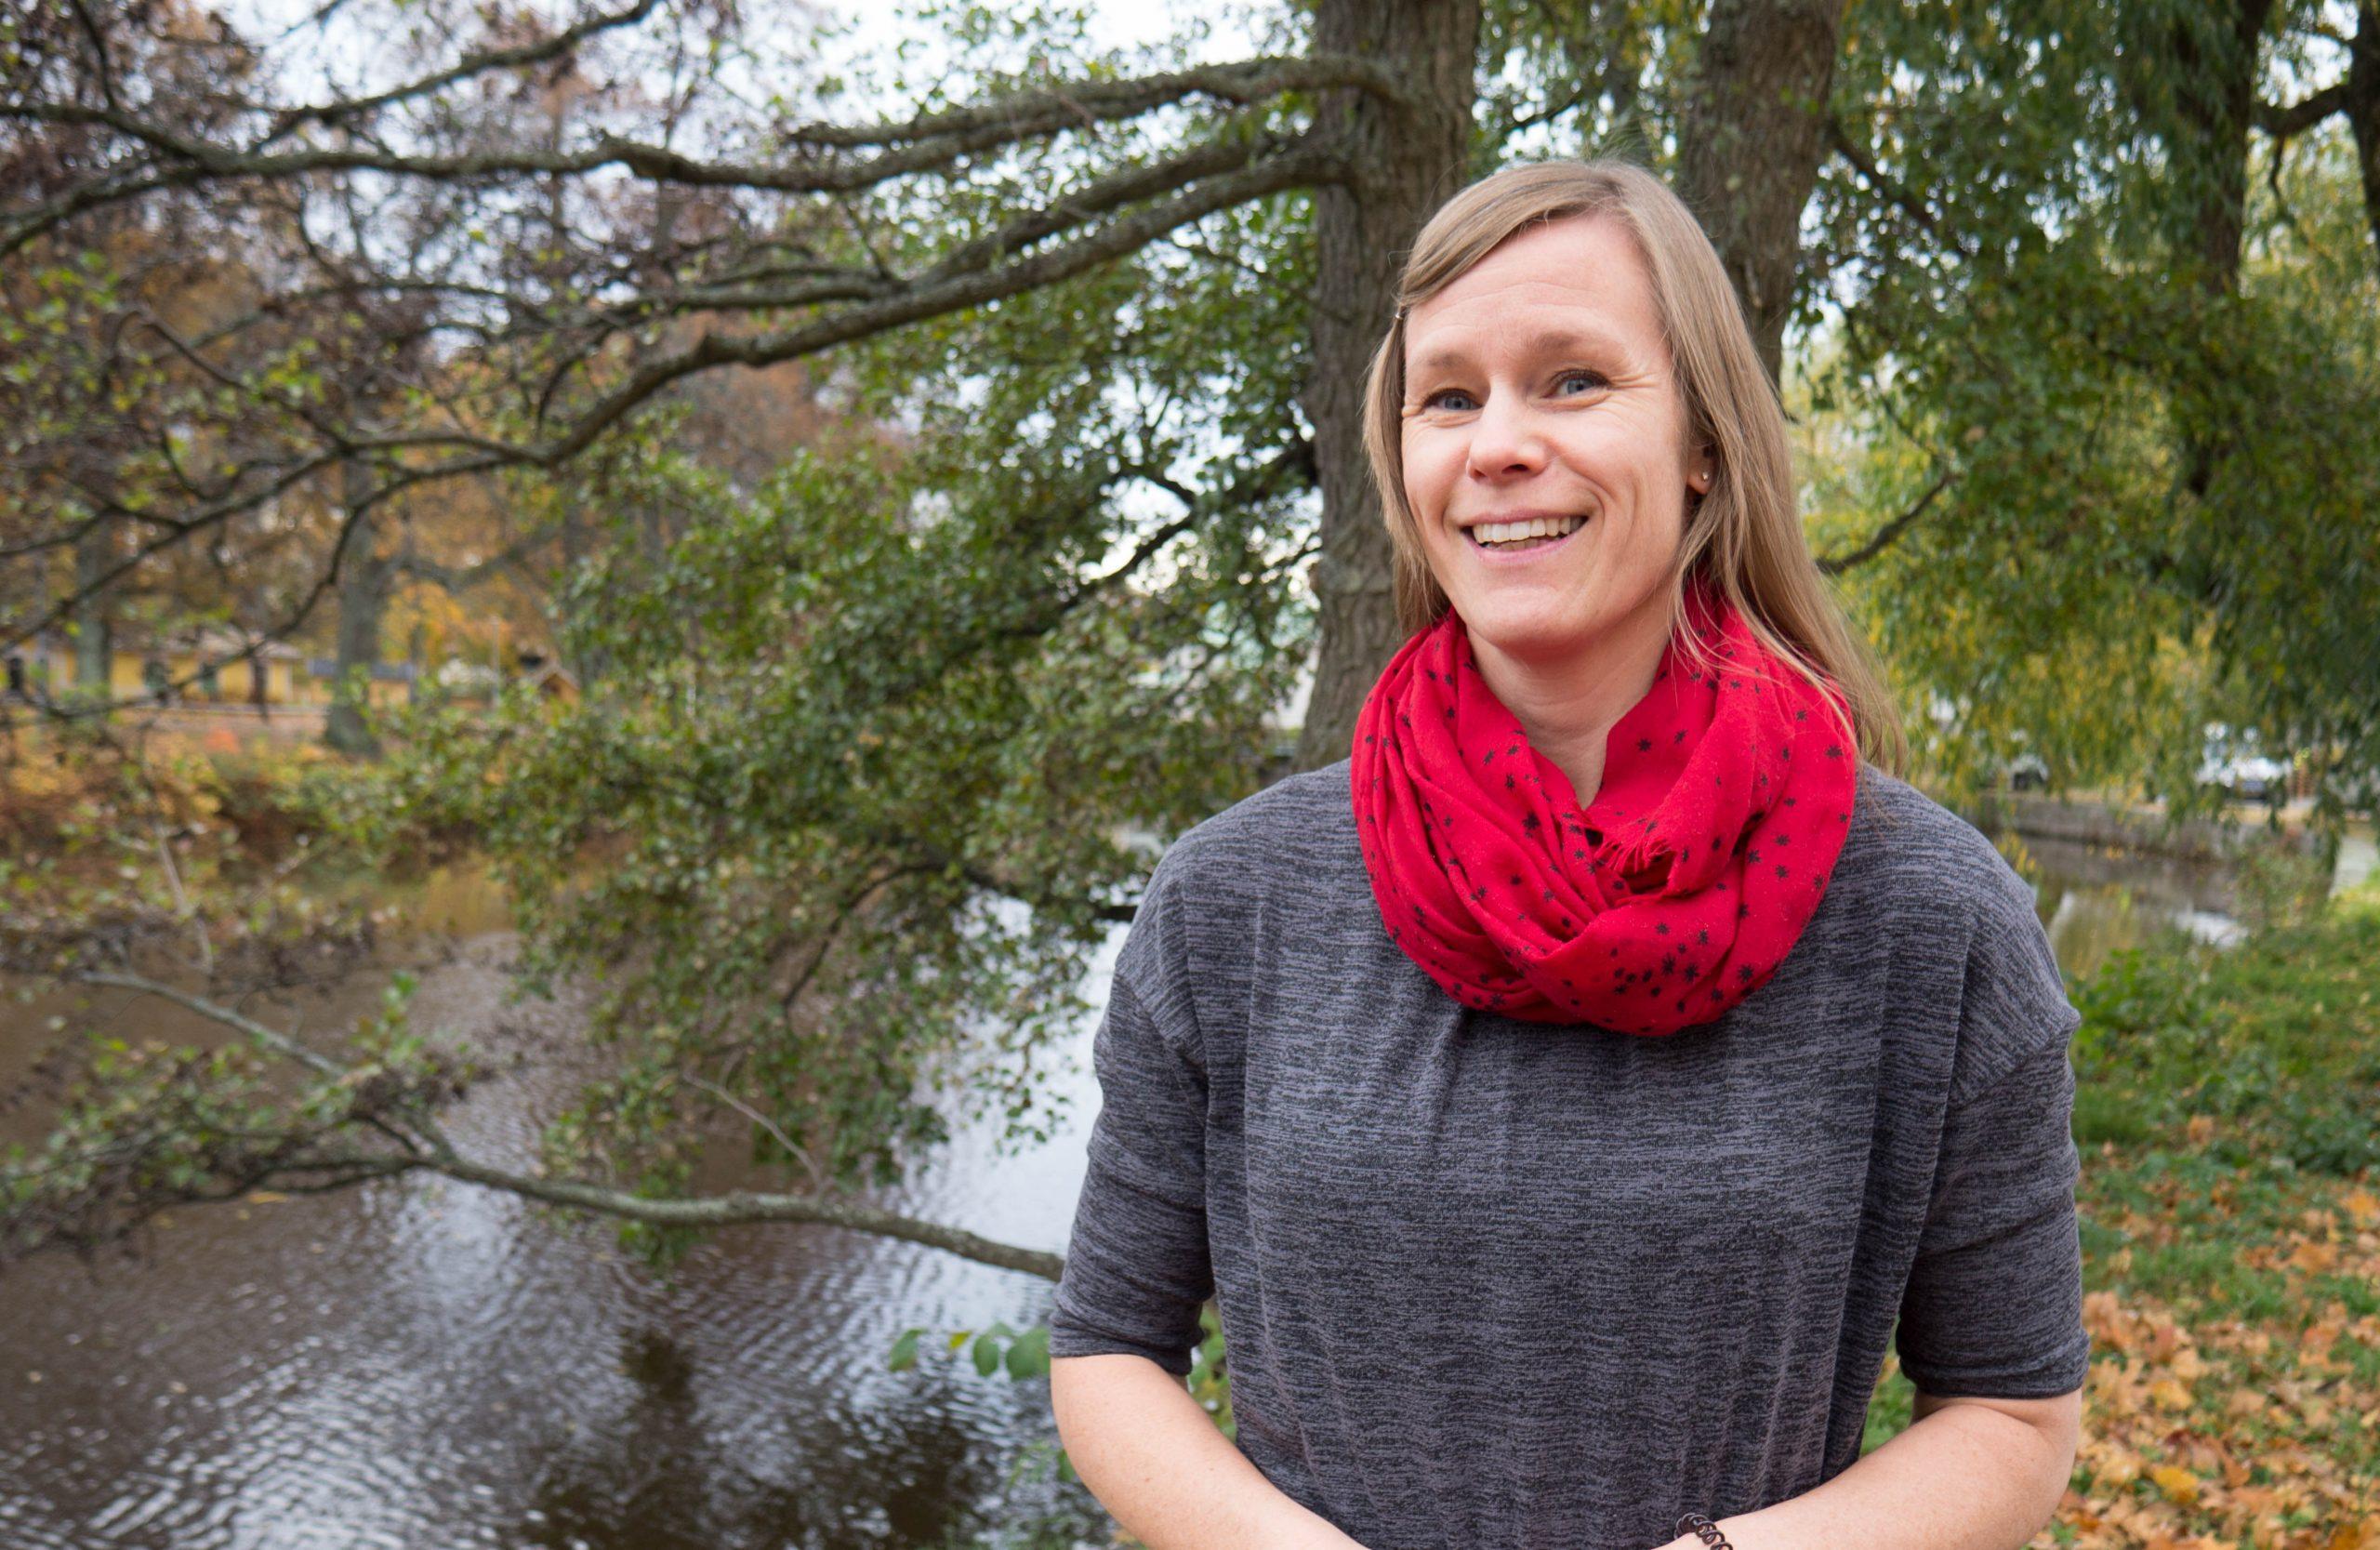 Elin i ljust långt hår, grå klänning och röd sjal står i en park intill en flod.